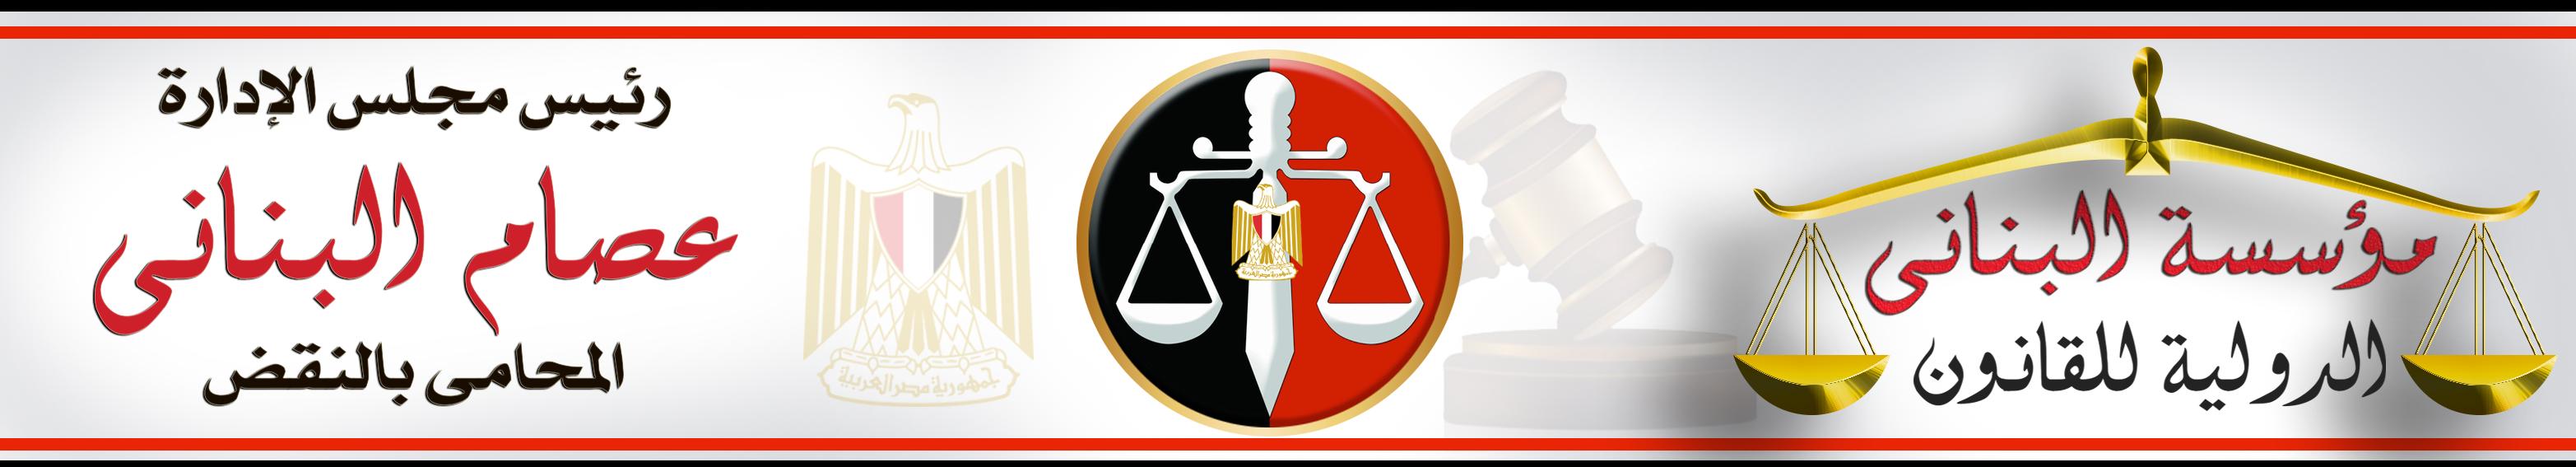 مؤسسة البنانى الدولية للقانون